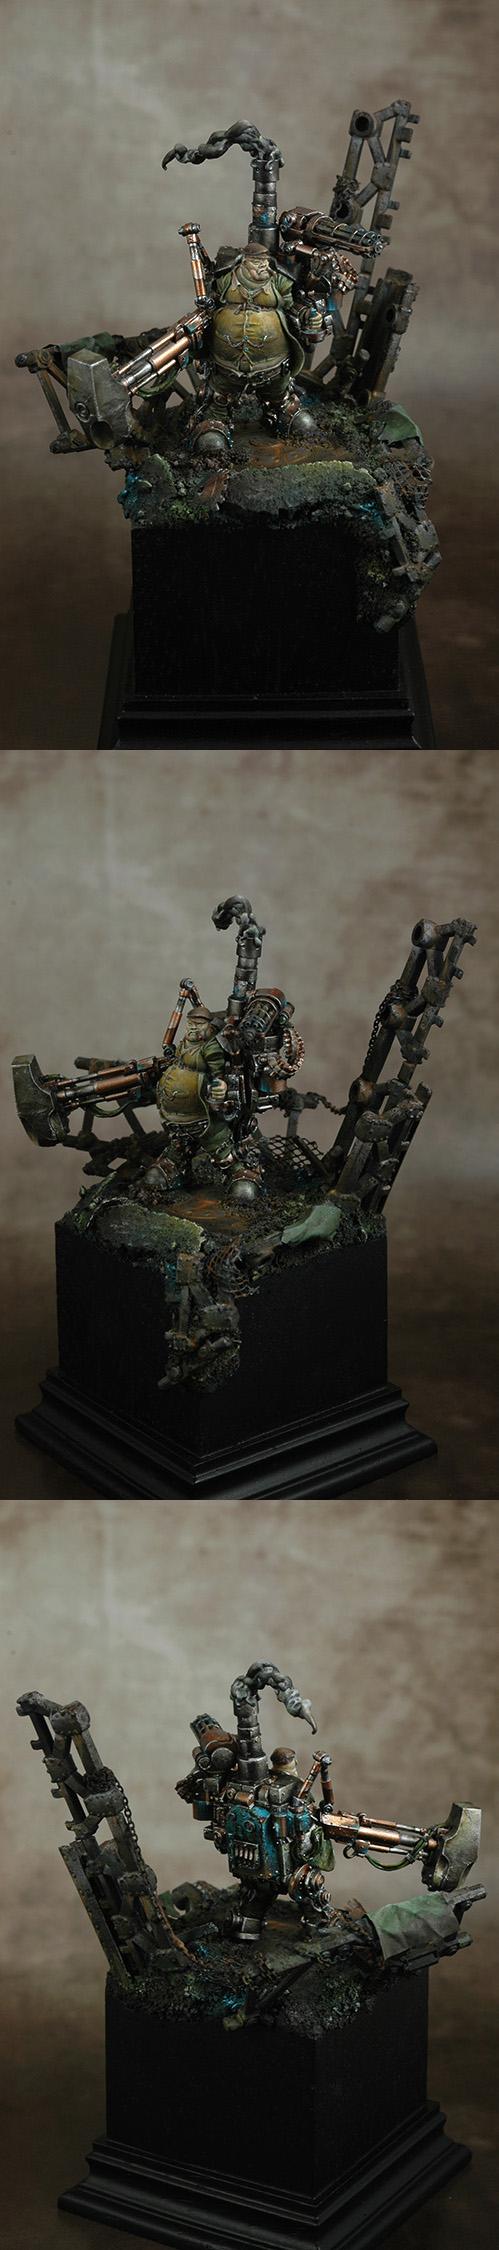 Mr Toad - Infamy Miniatures